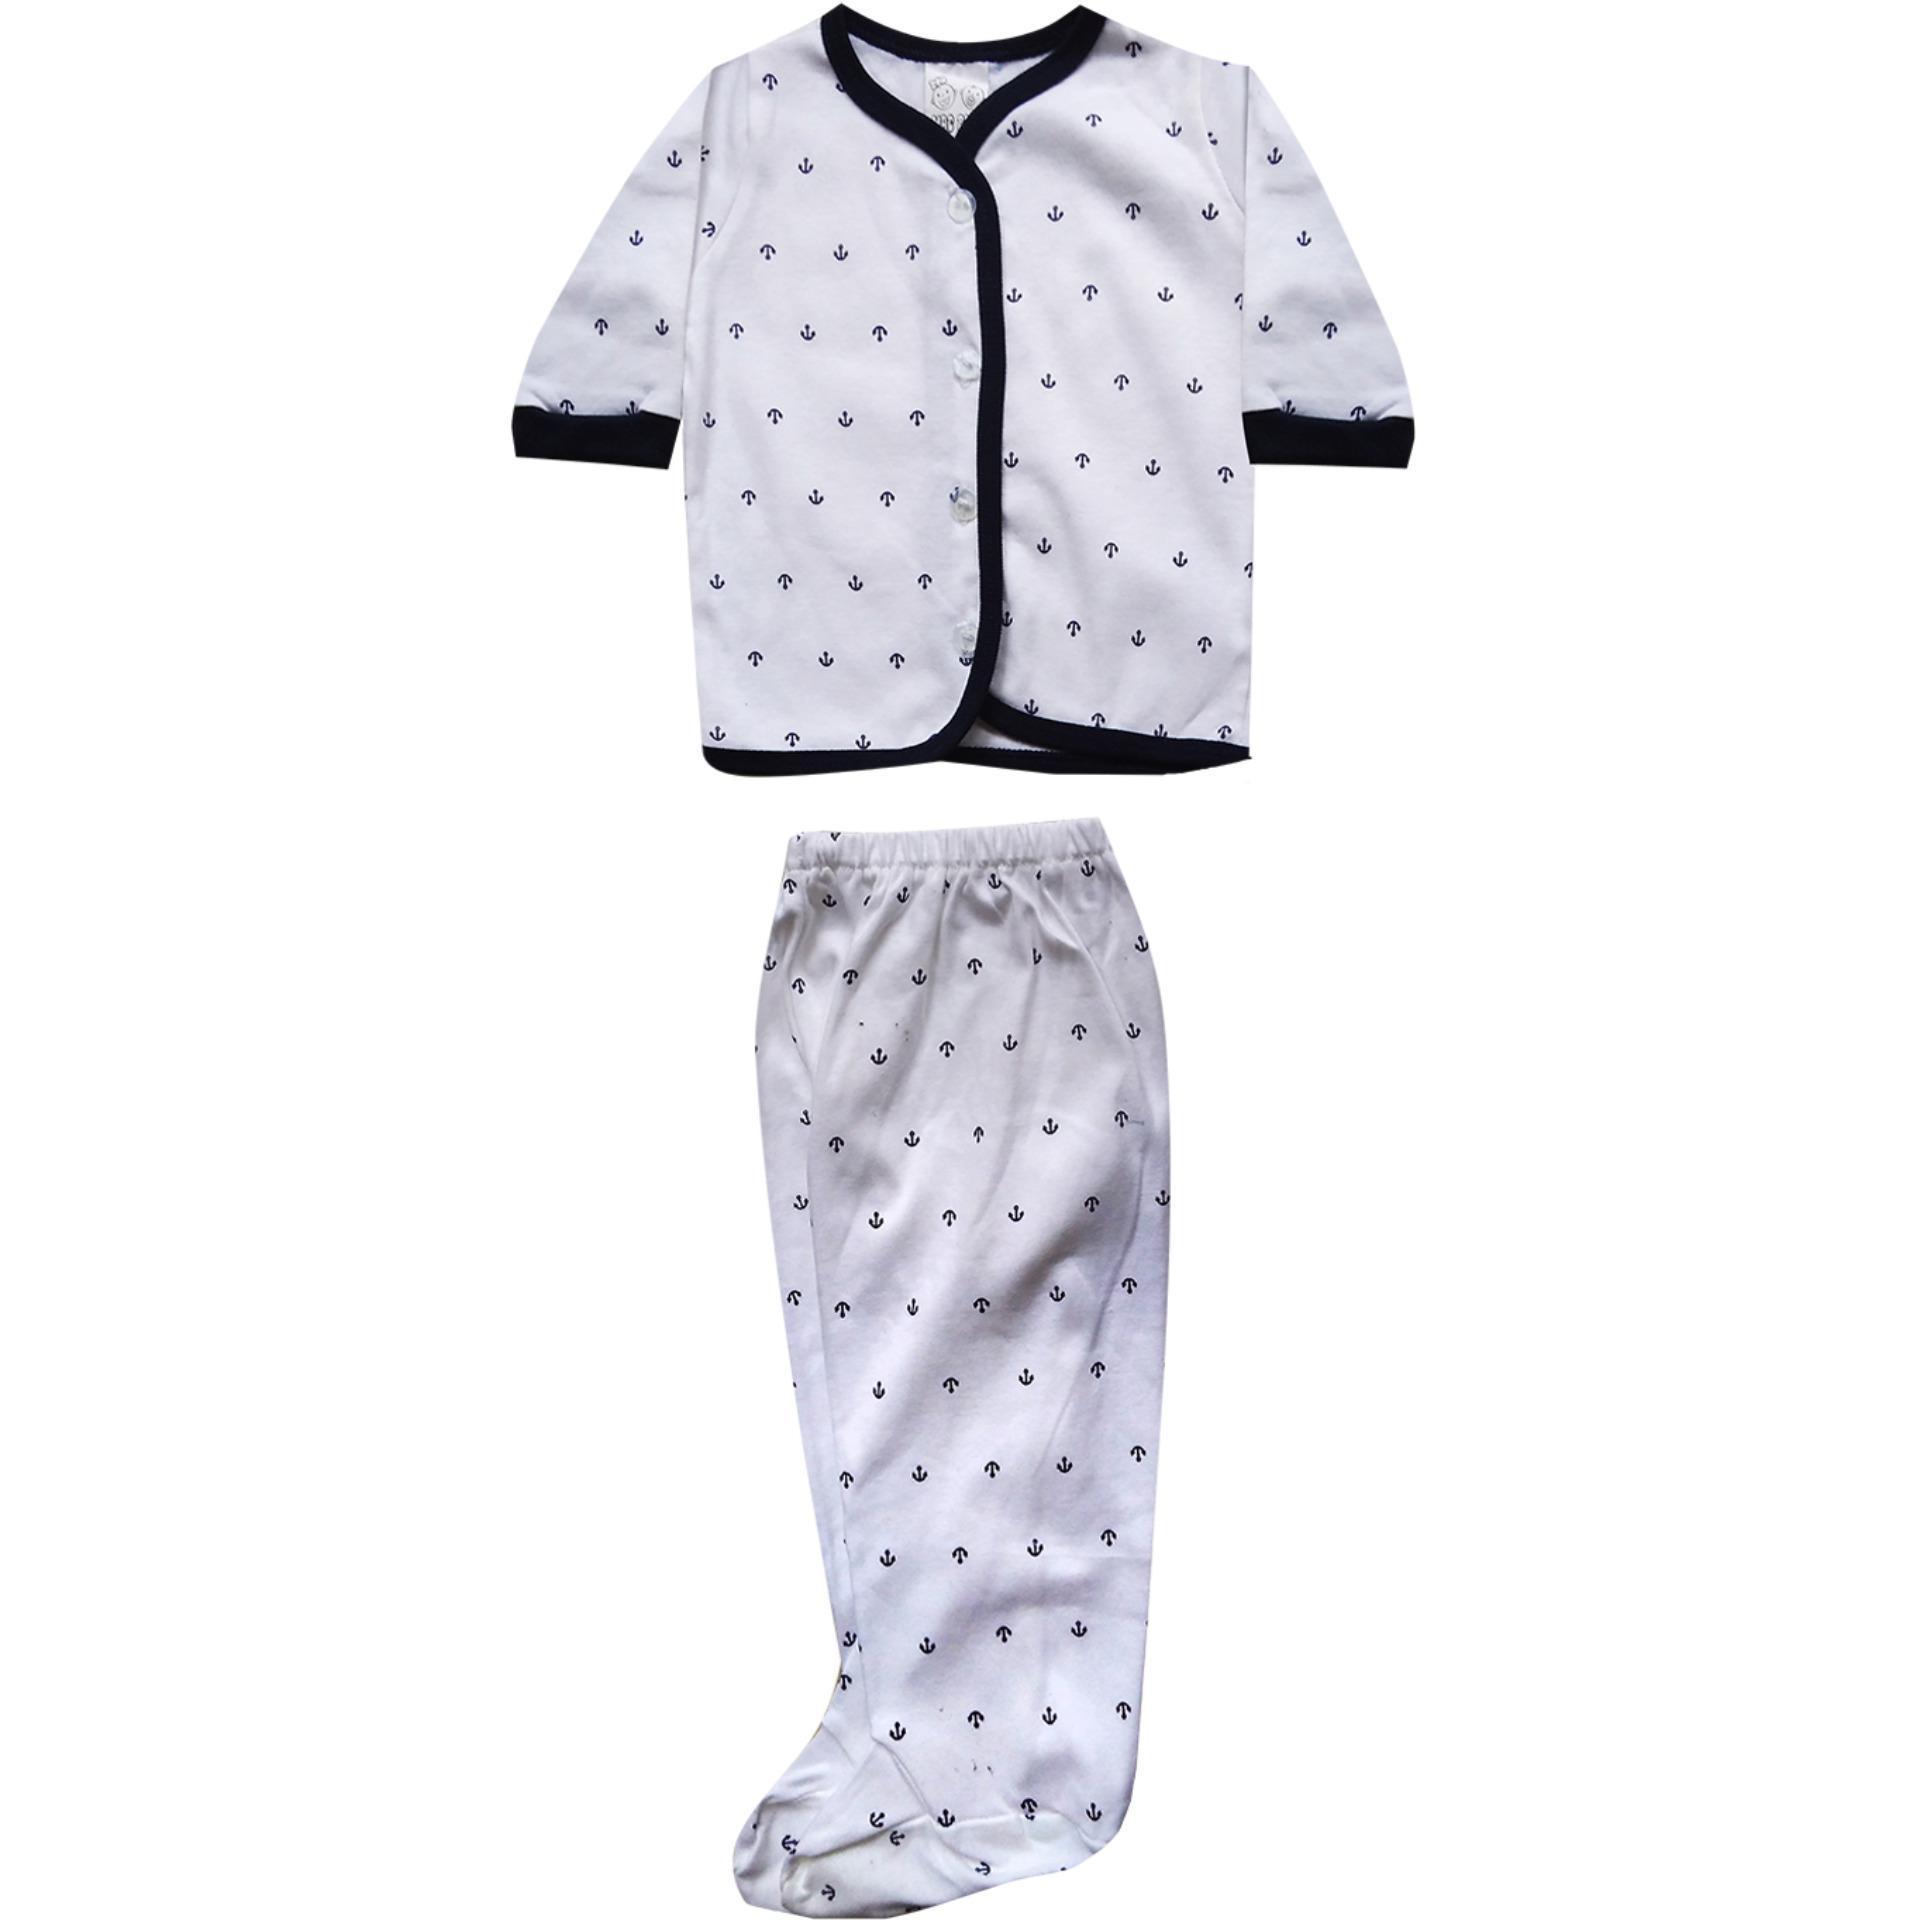 Bearbee Setelan Lengan Panjang Celana Newborn 3set Baju Bayi Macbaby Variasi